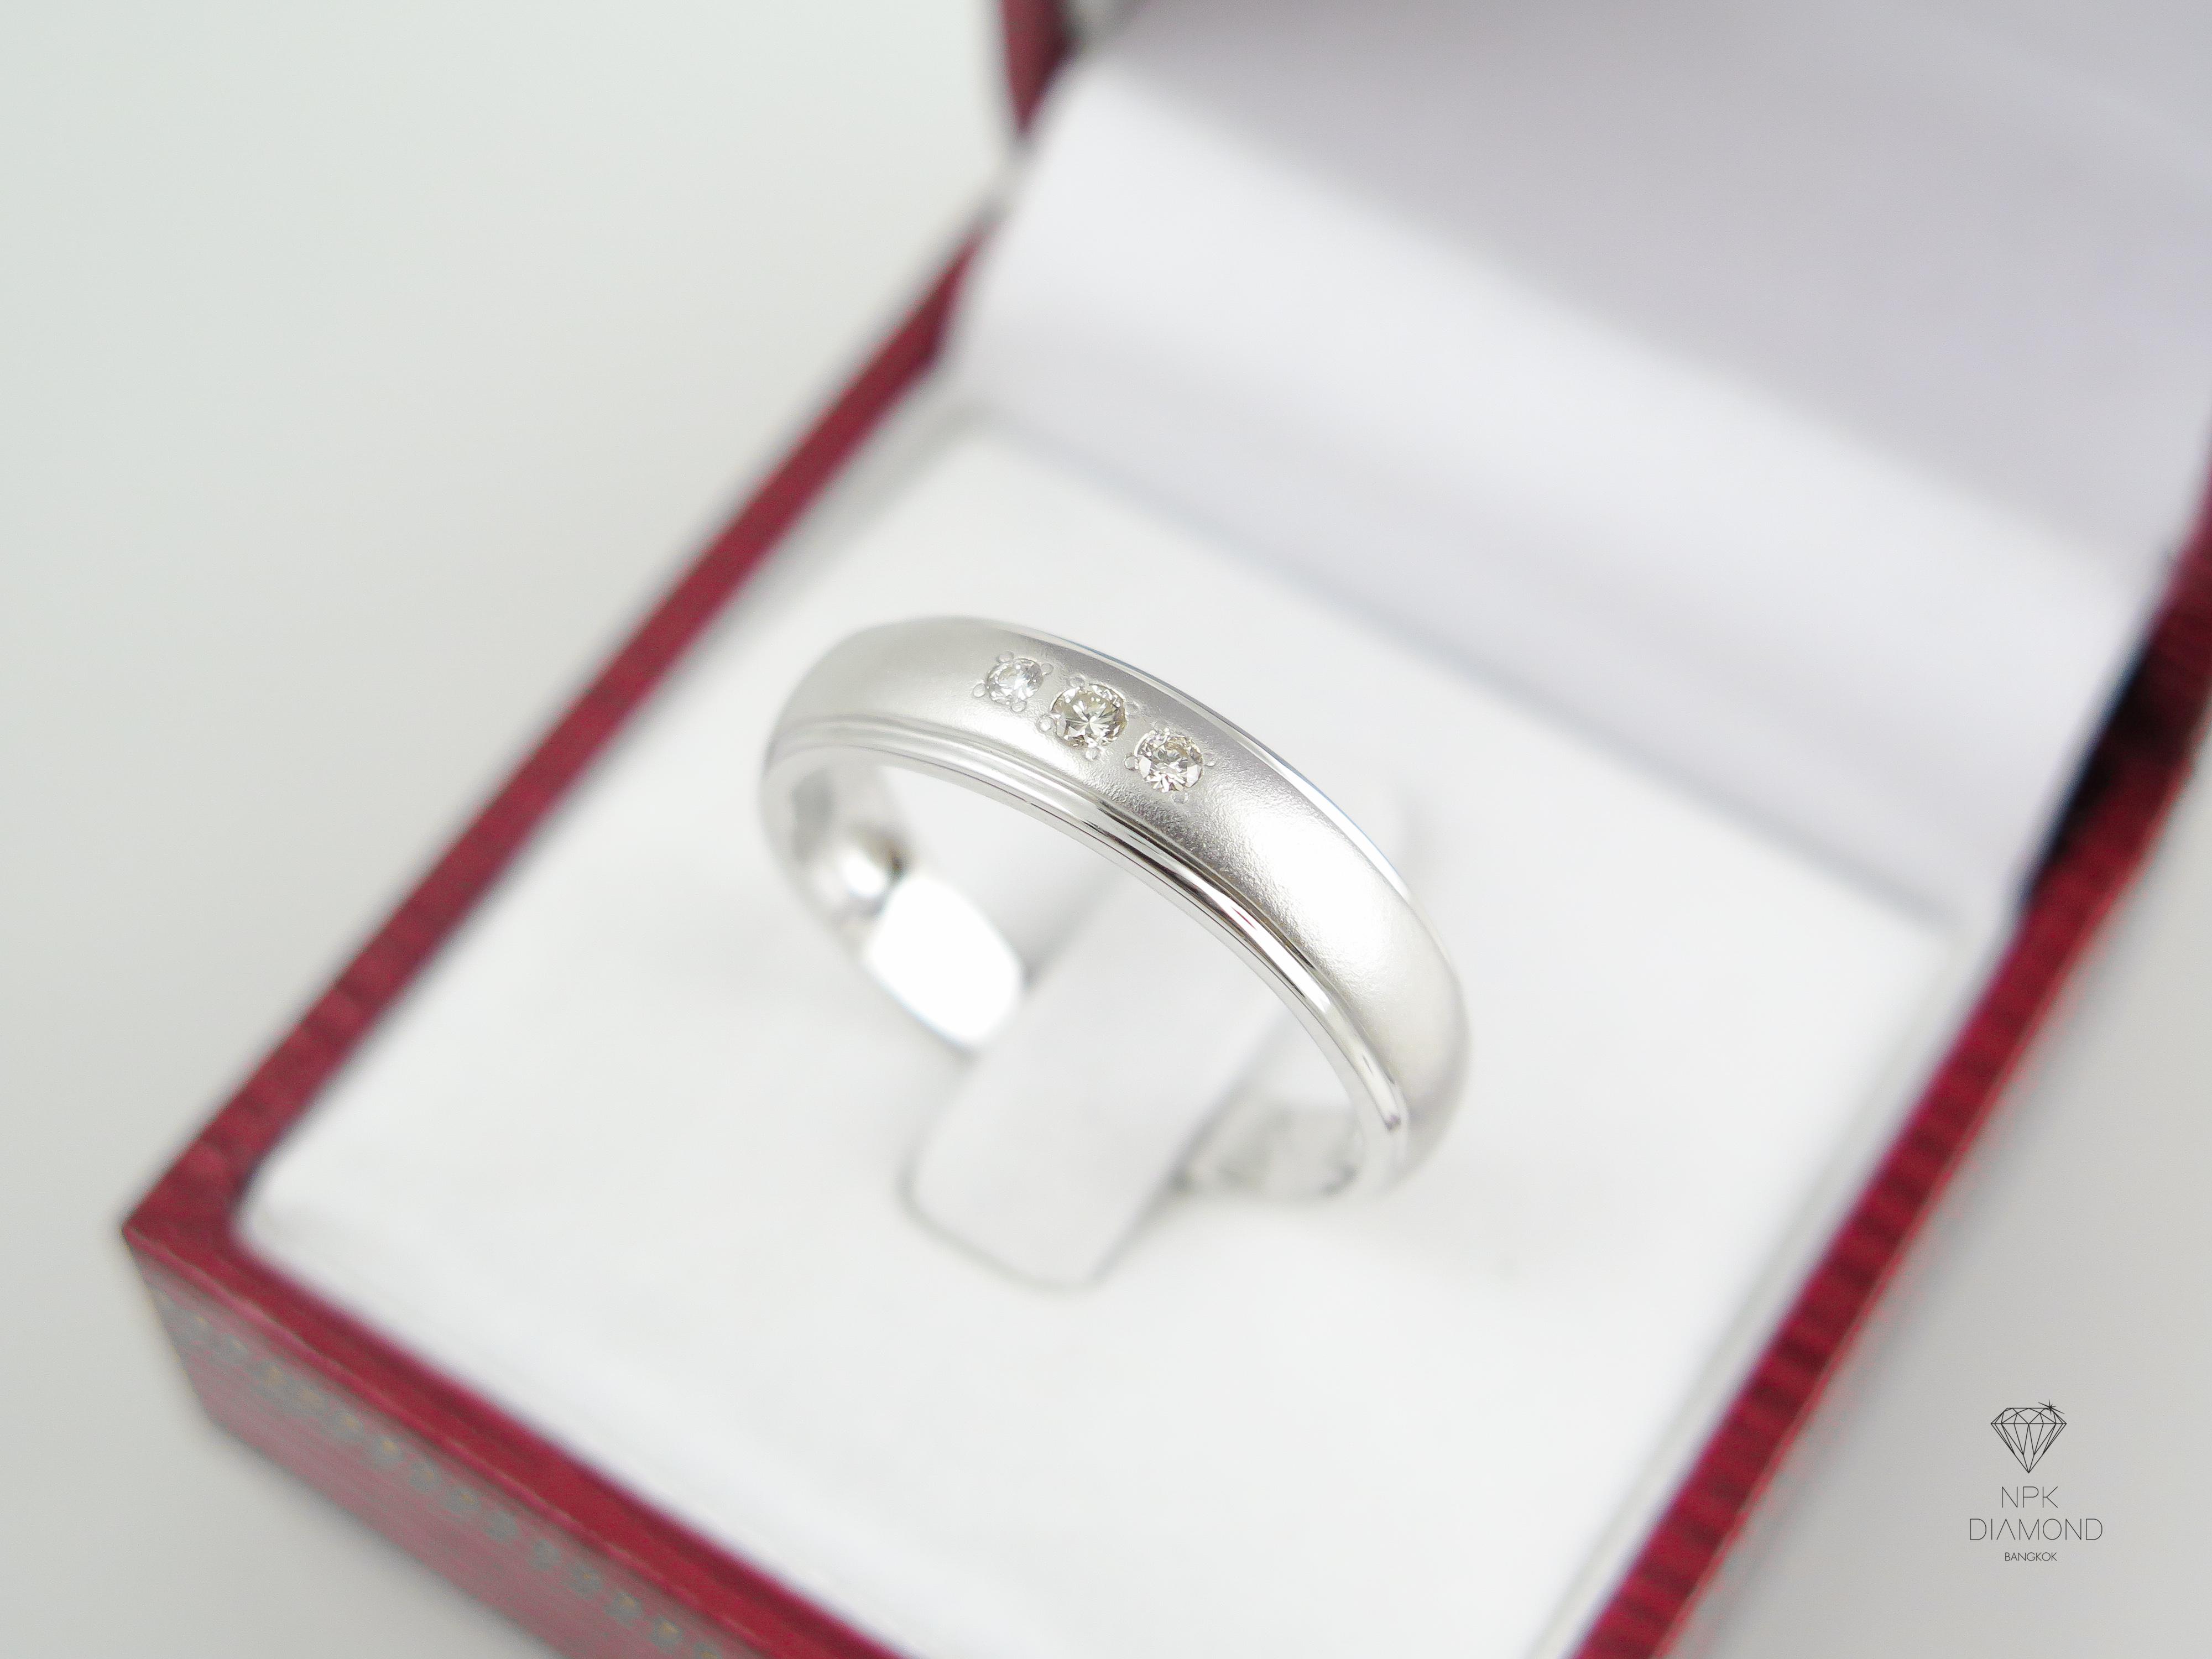 แหวนปลอกมีดฝังเพชร